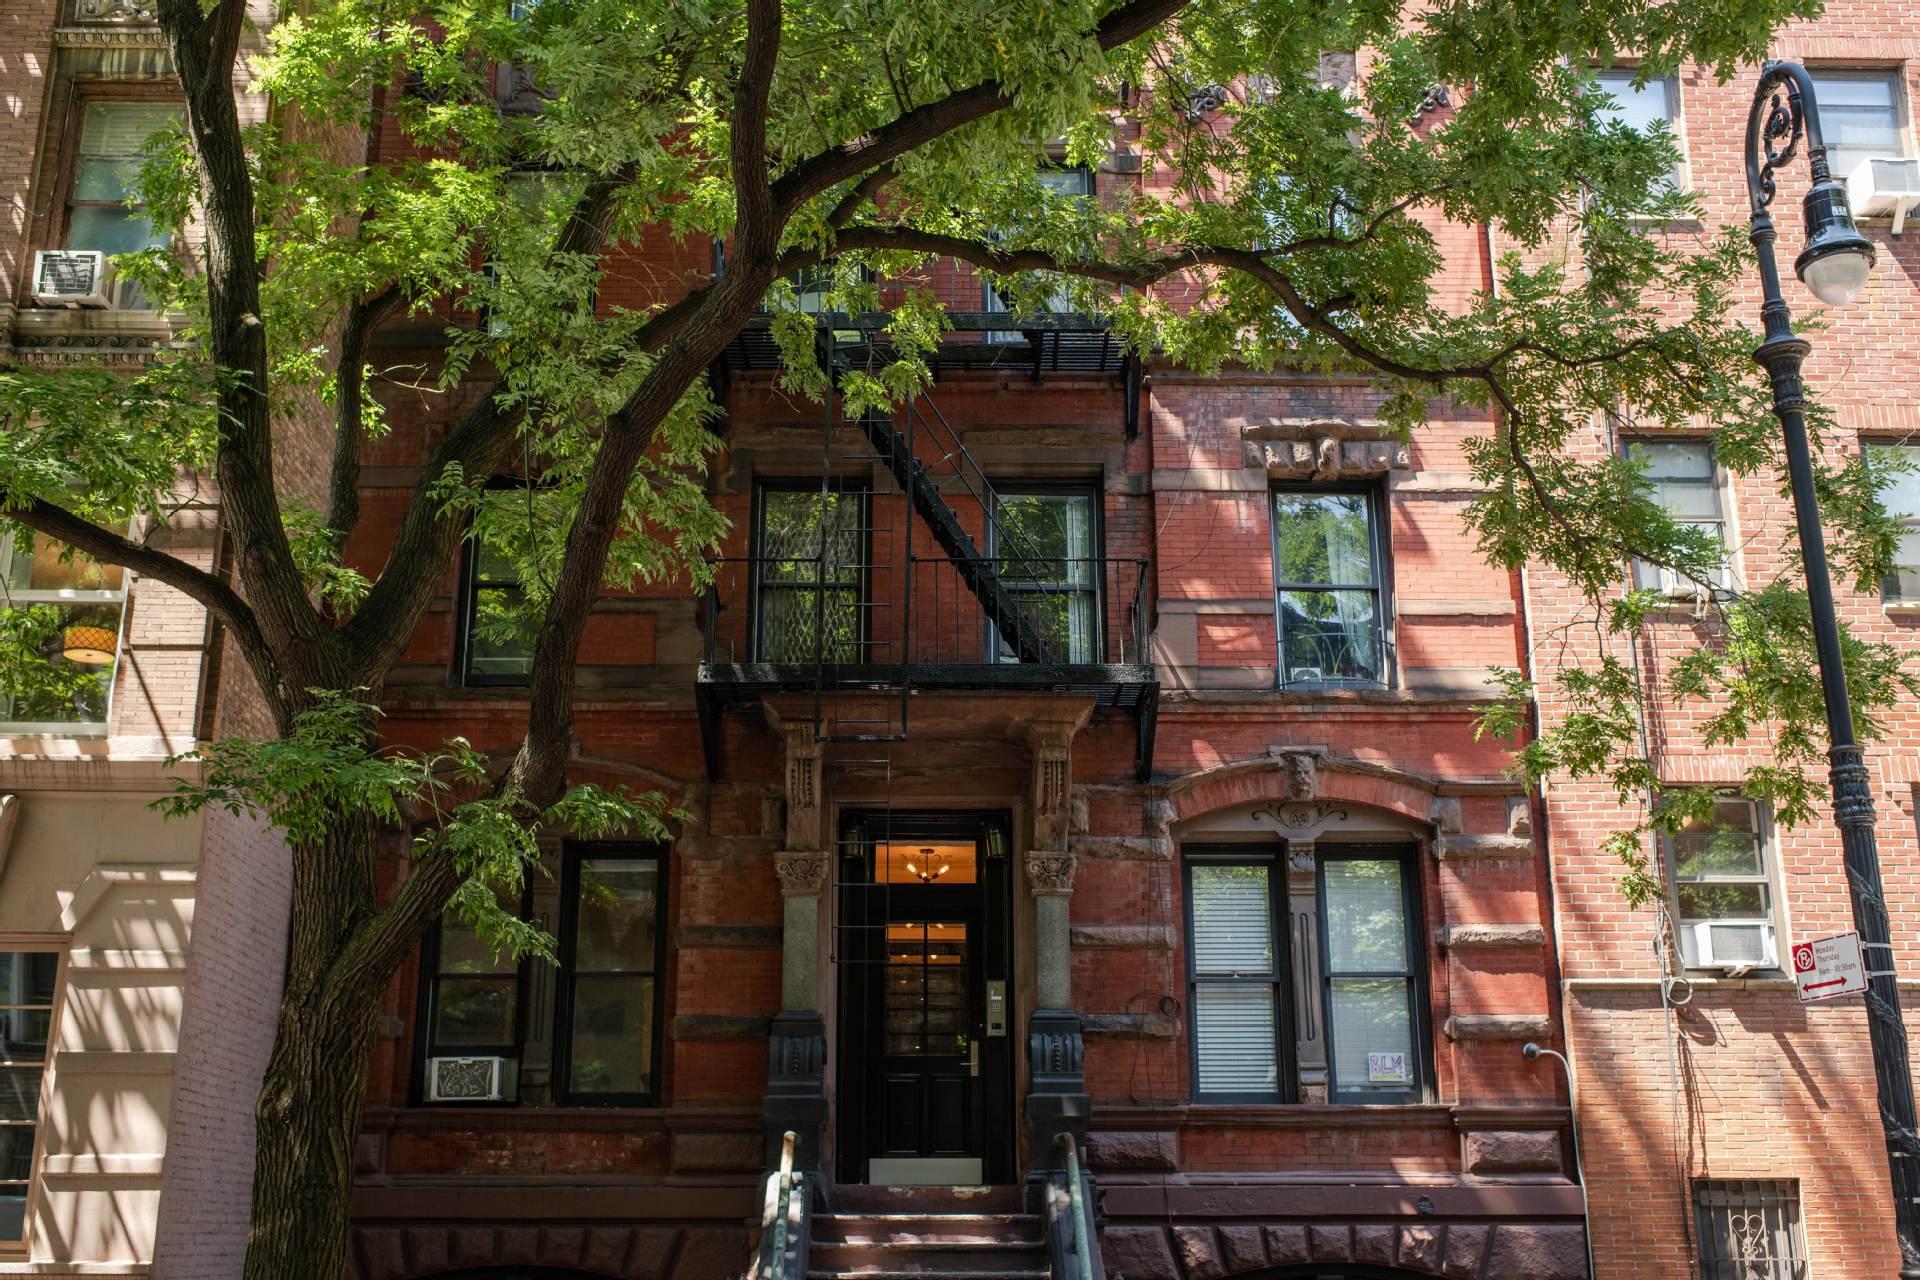 NYC apartment vacancies hit 10-year high